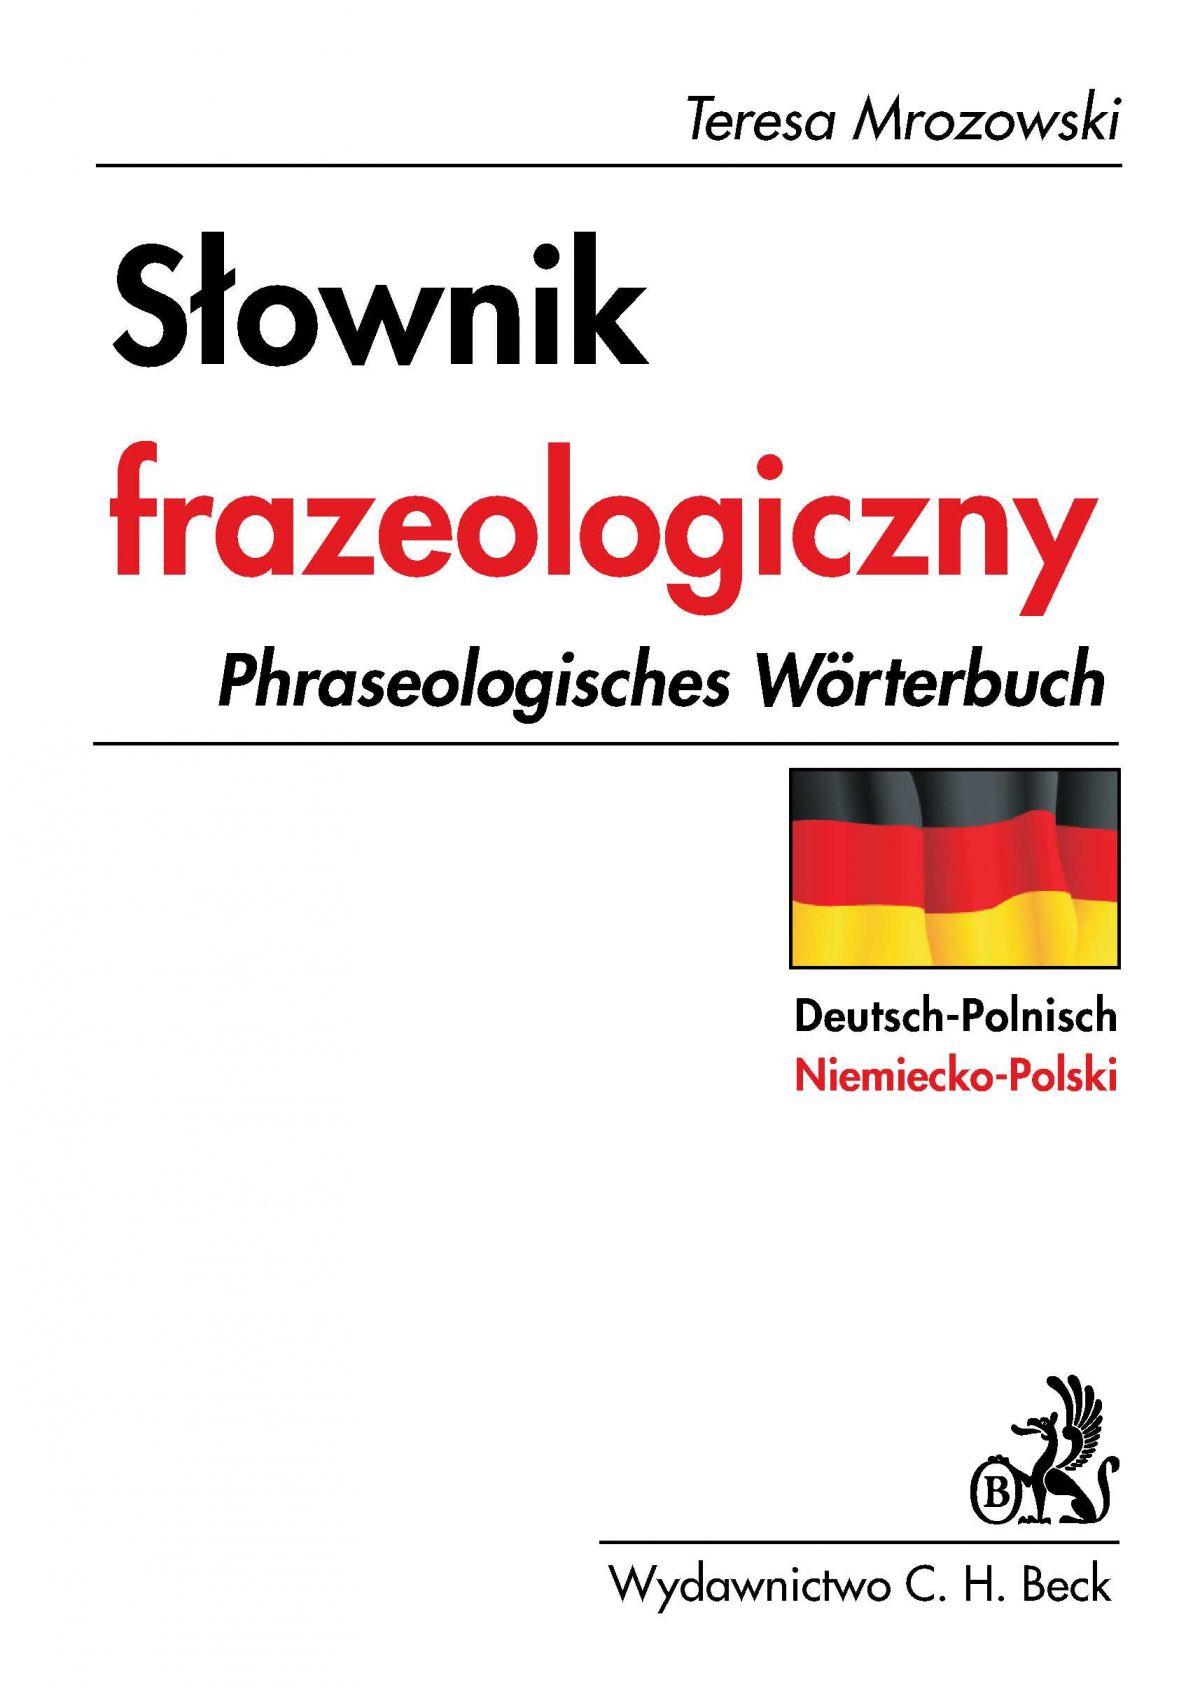 Słownik frazeologiczny niemiecko - polski - Ebook (Książka PDF) do pobrania w formacie PDF